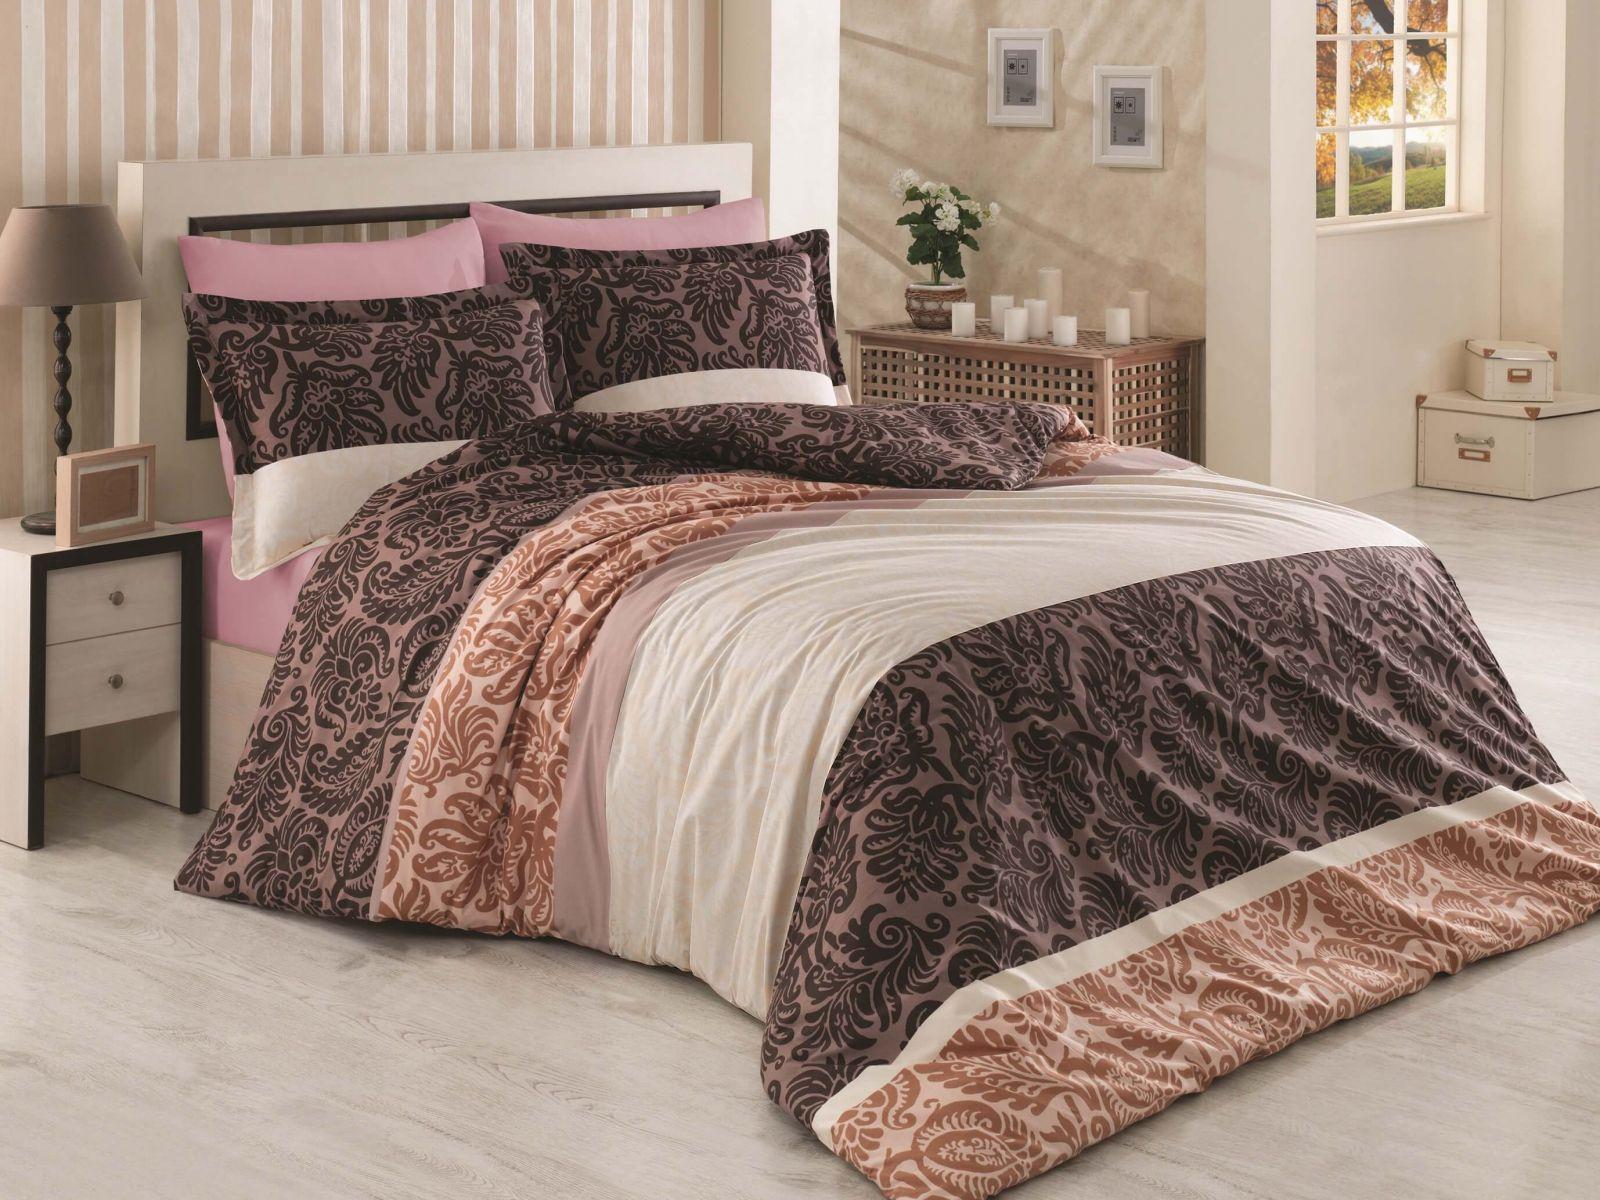 Kvalitní bavlněné povlečení s motivem ornamentů v hnědých odstínech Kvalitex